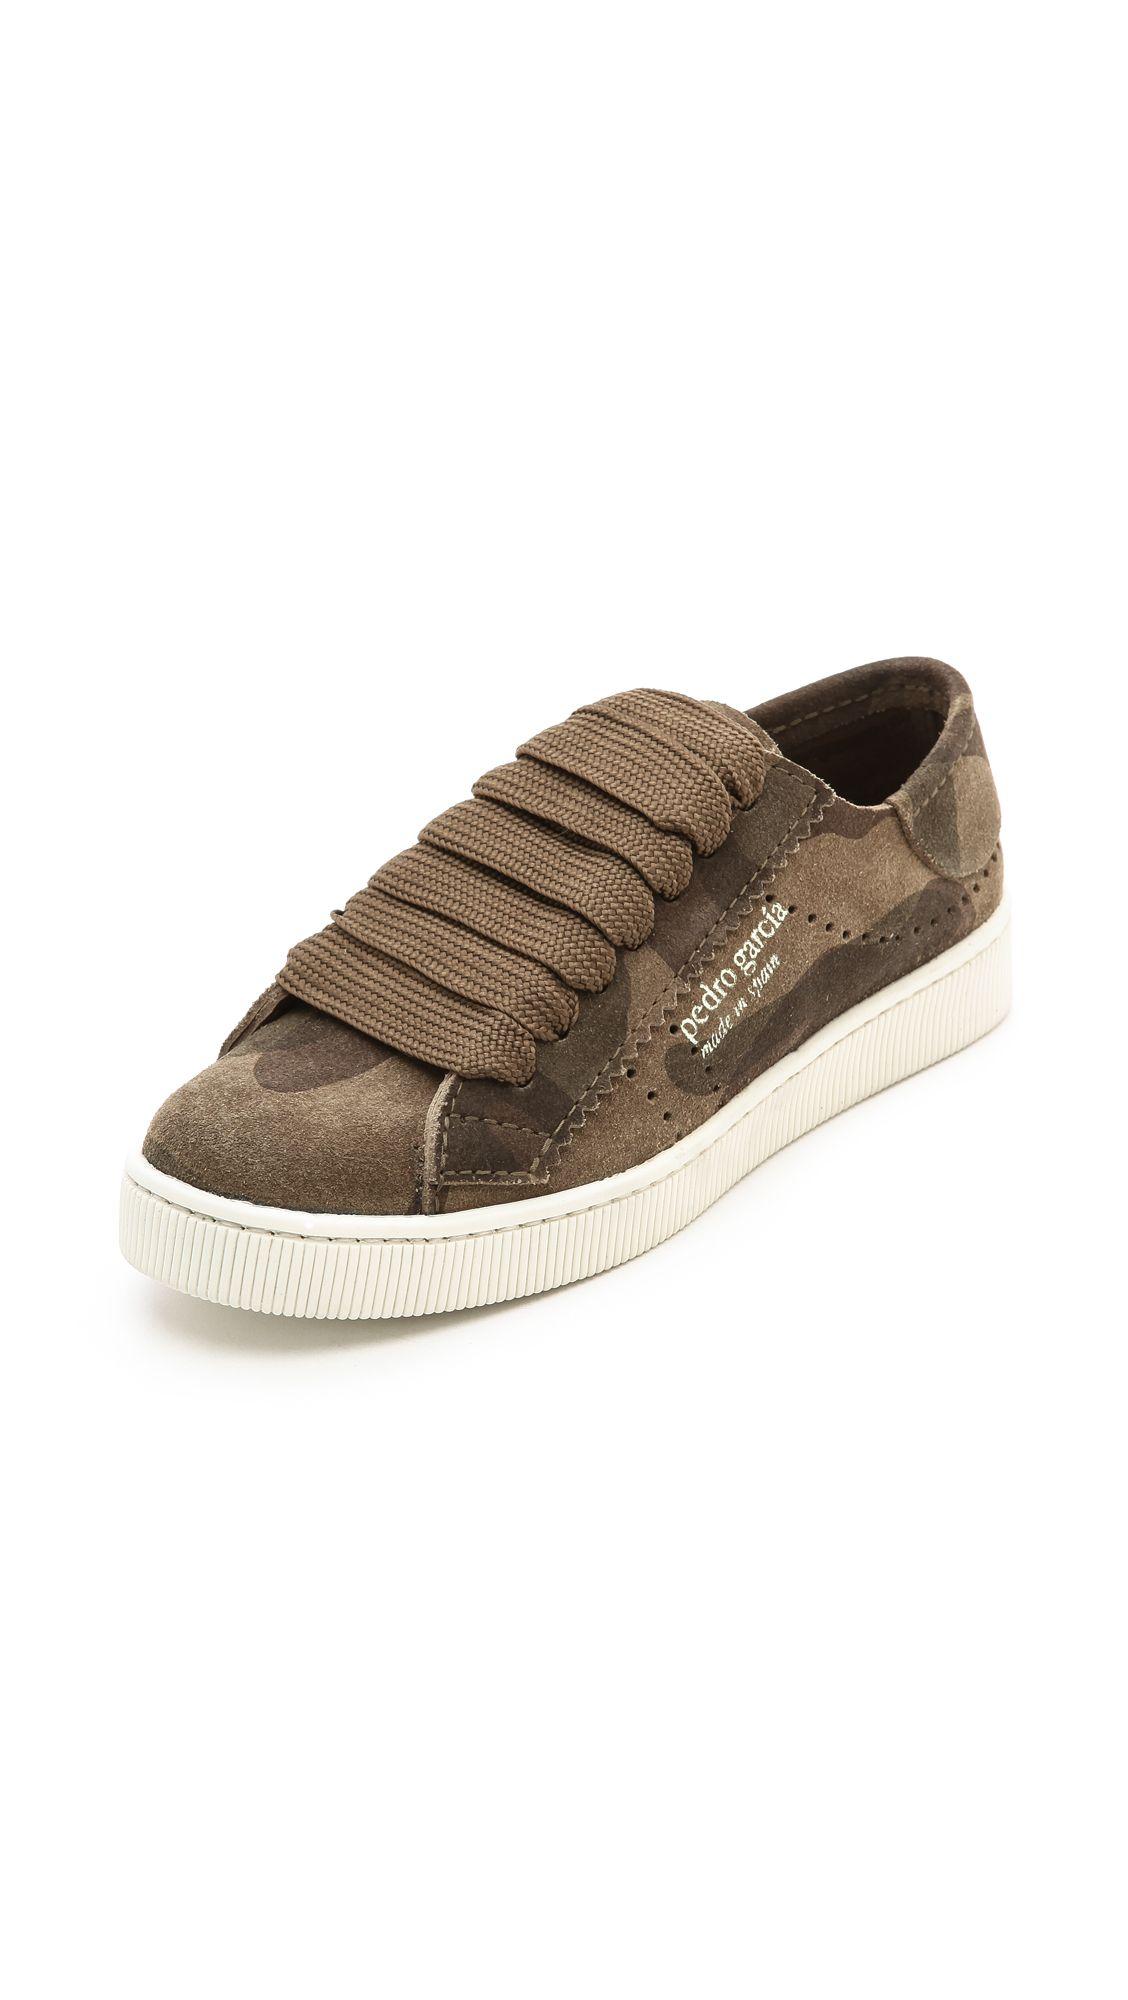 Pedro Garcia Perry Camo Suede Sneakers   SHOPBOP